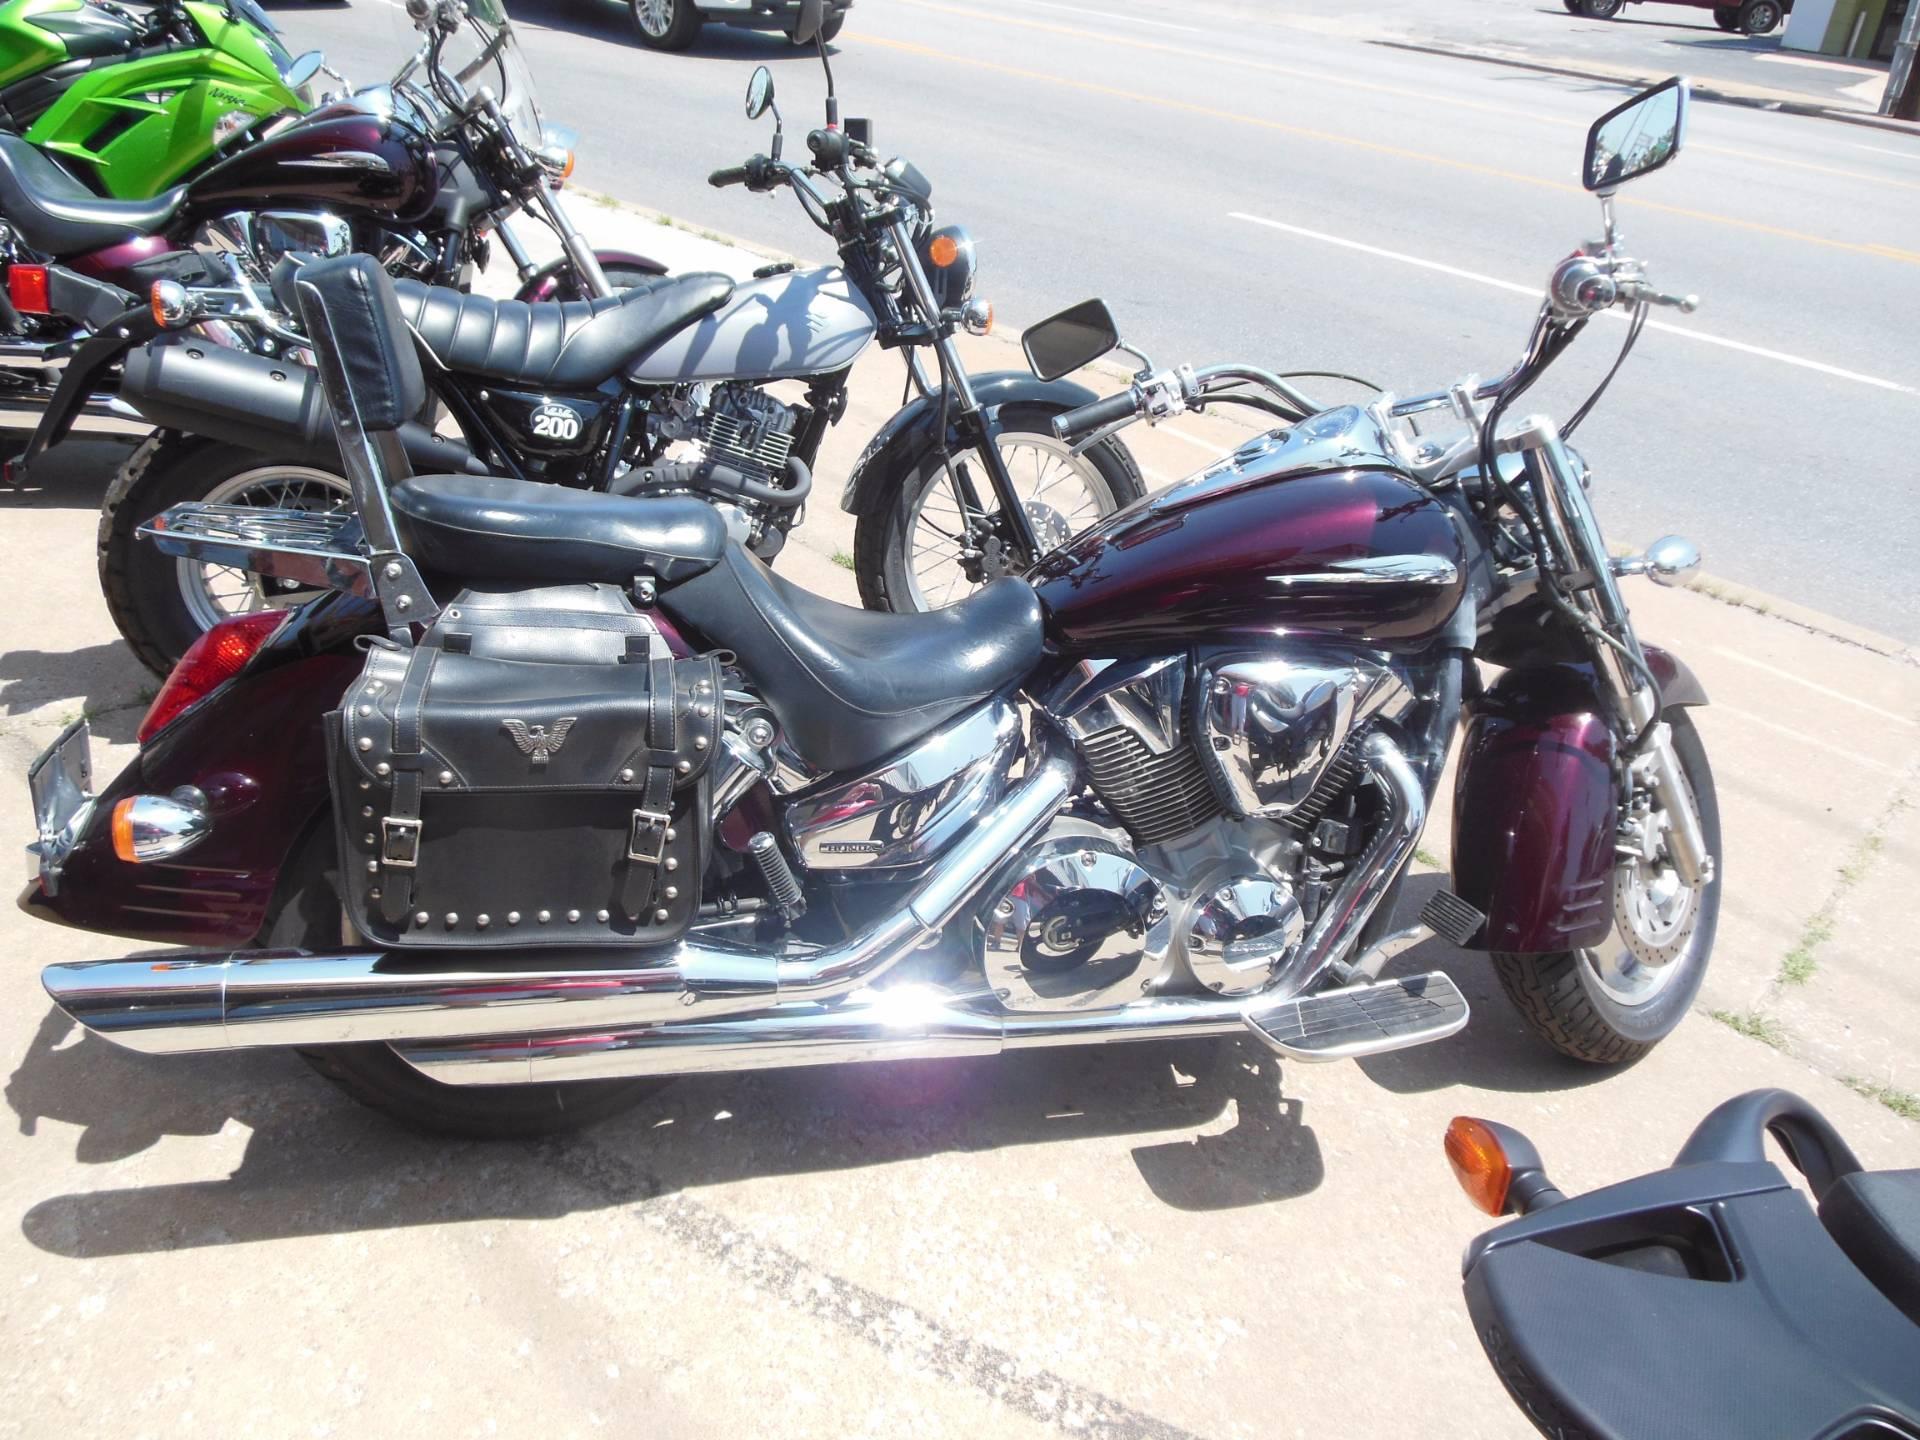 Used 2007 Honda VTX™1300R Motorcycles in Tulsa, OK | Stock Number: N/A